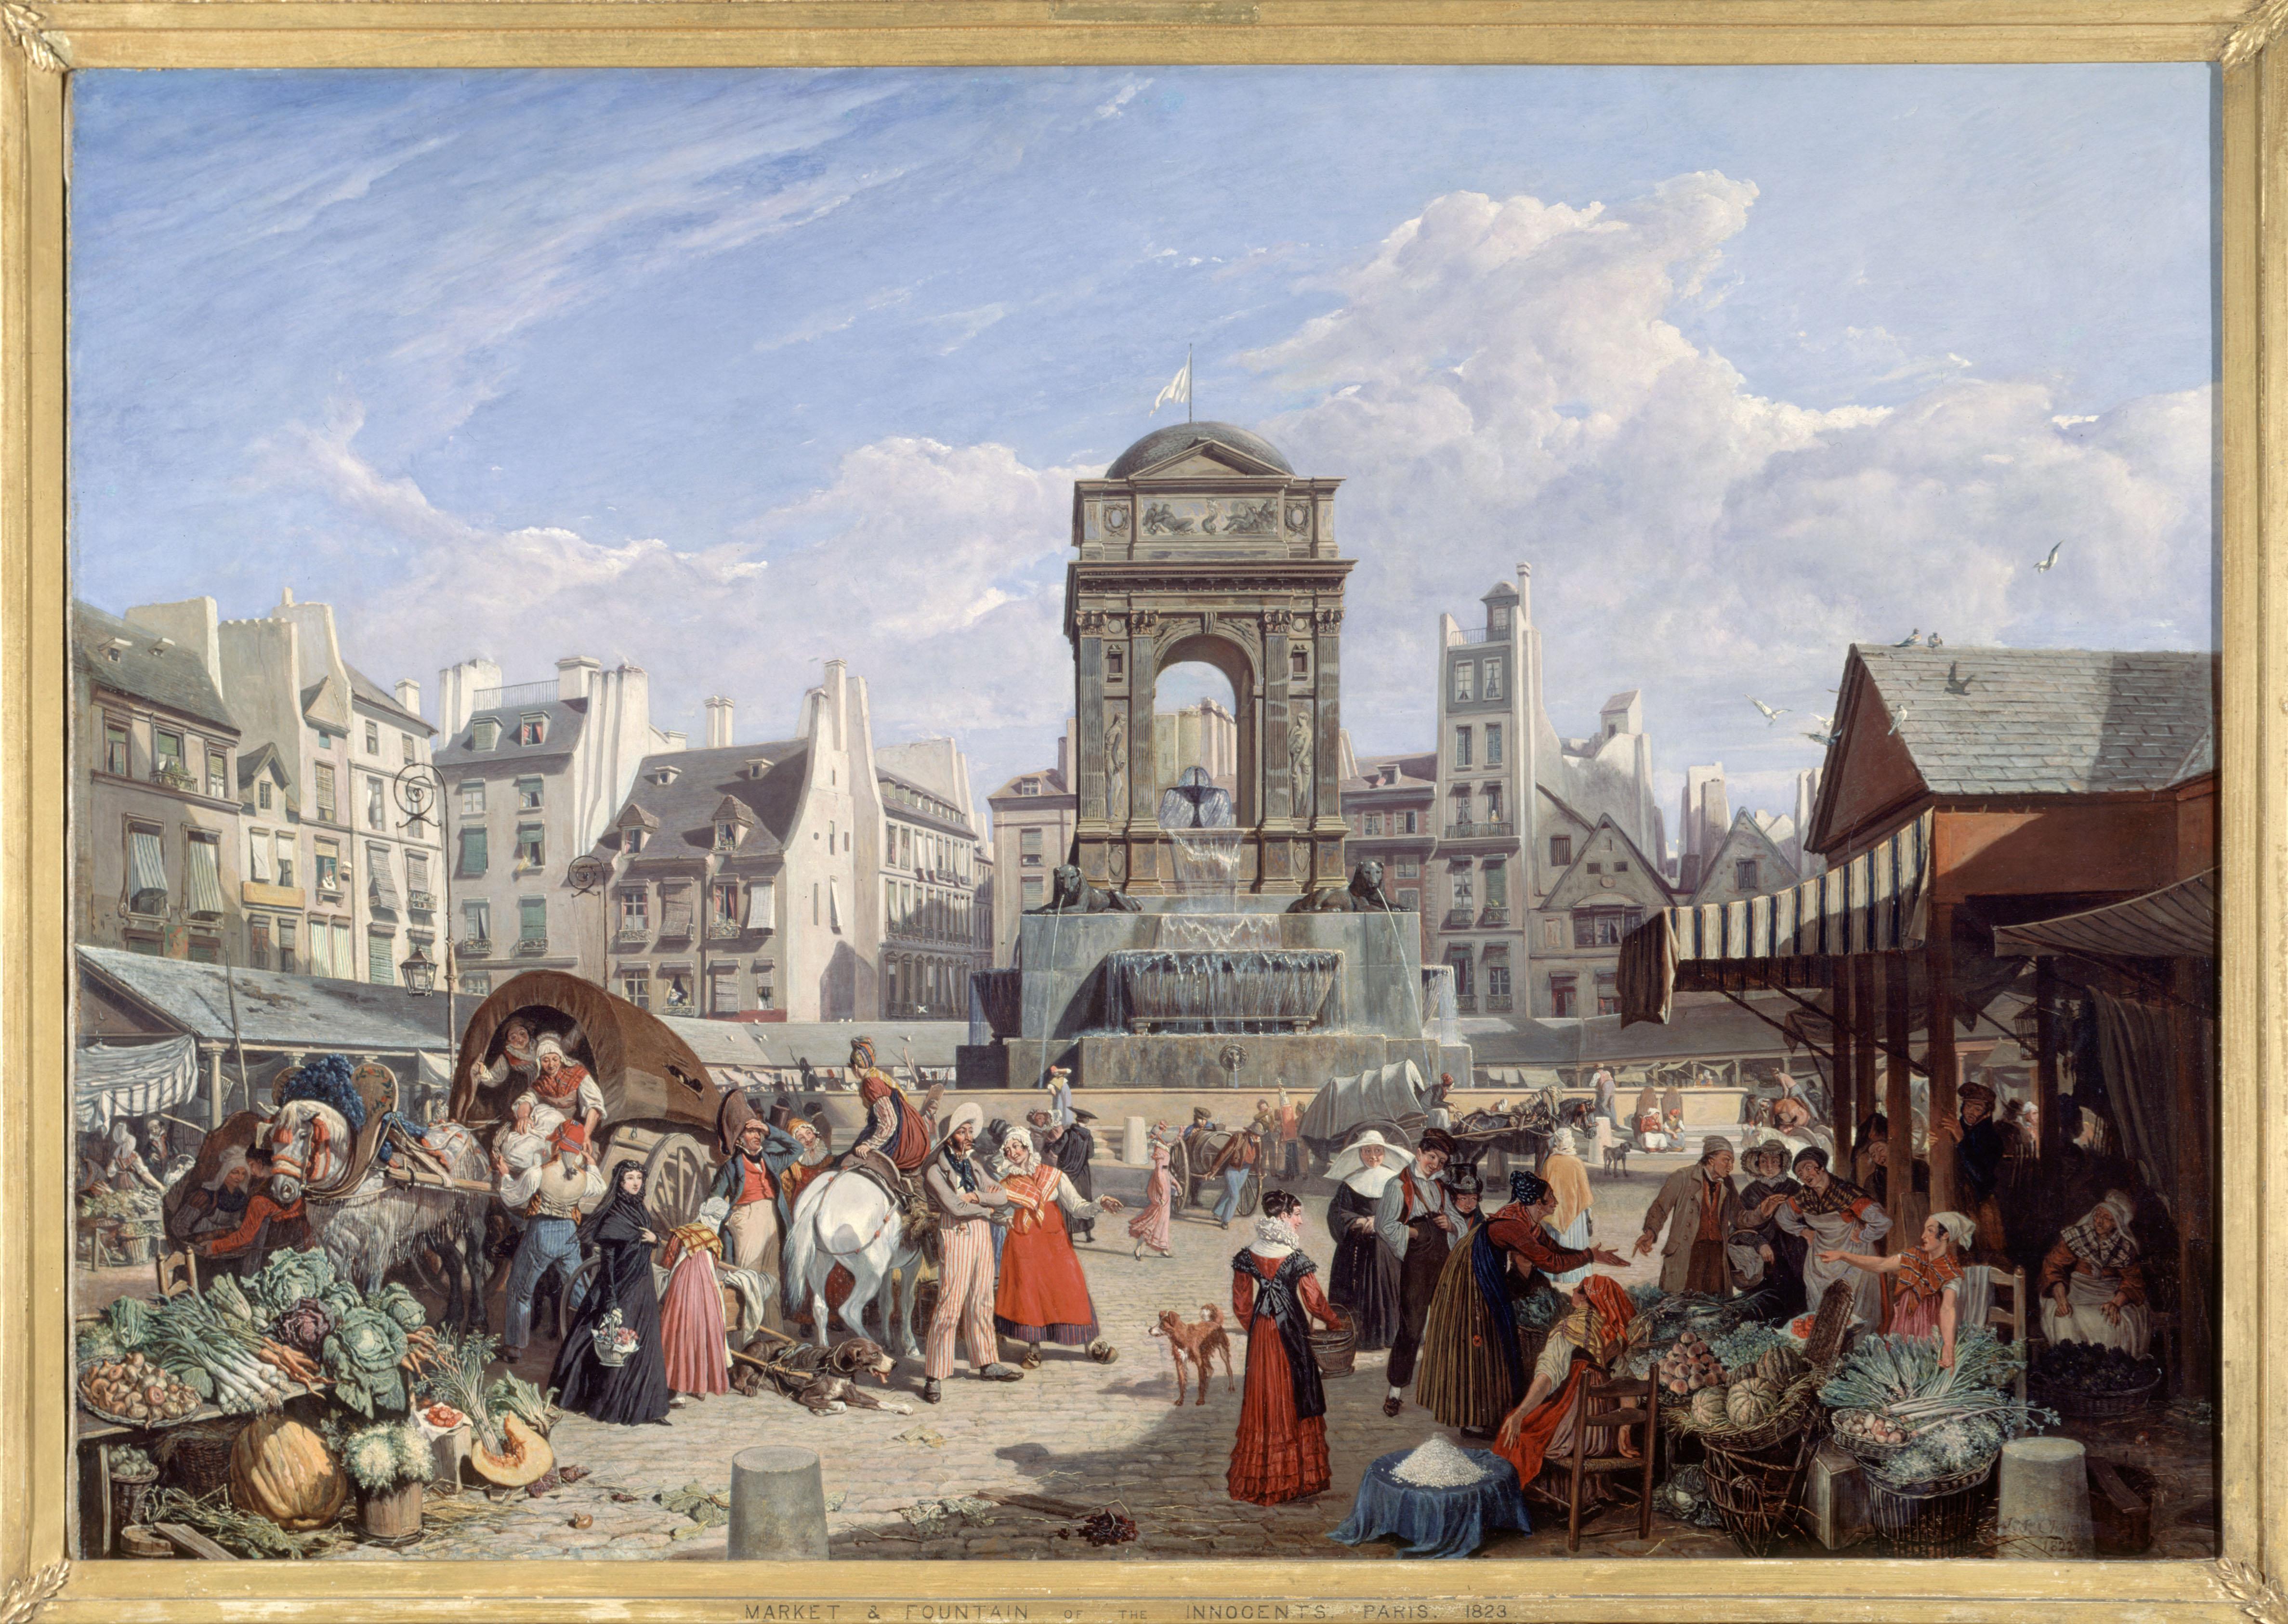 Mercato e Fontana degli Innocenti nel 1822